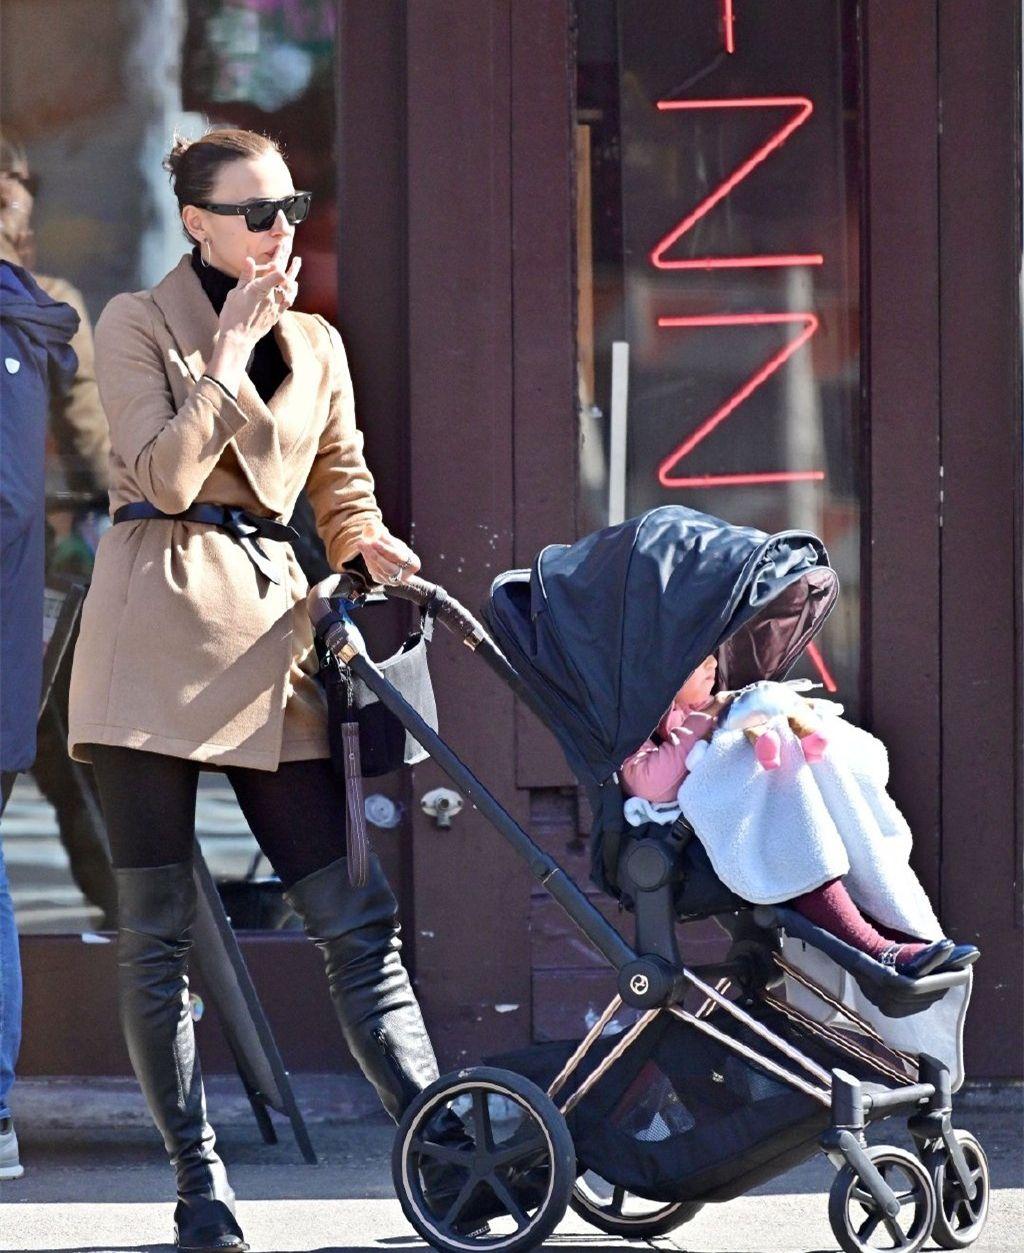 超模伊莉娜携女儿出街,178cm穿大衣配过膝长靴,看完彻底服了